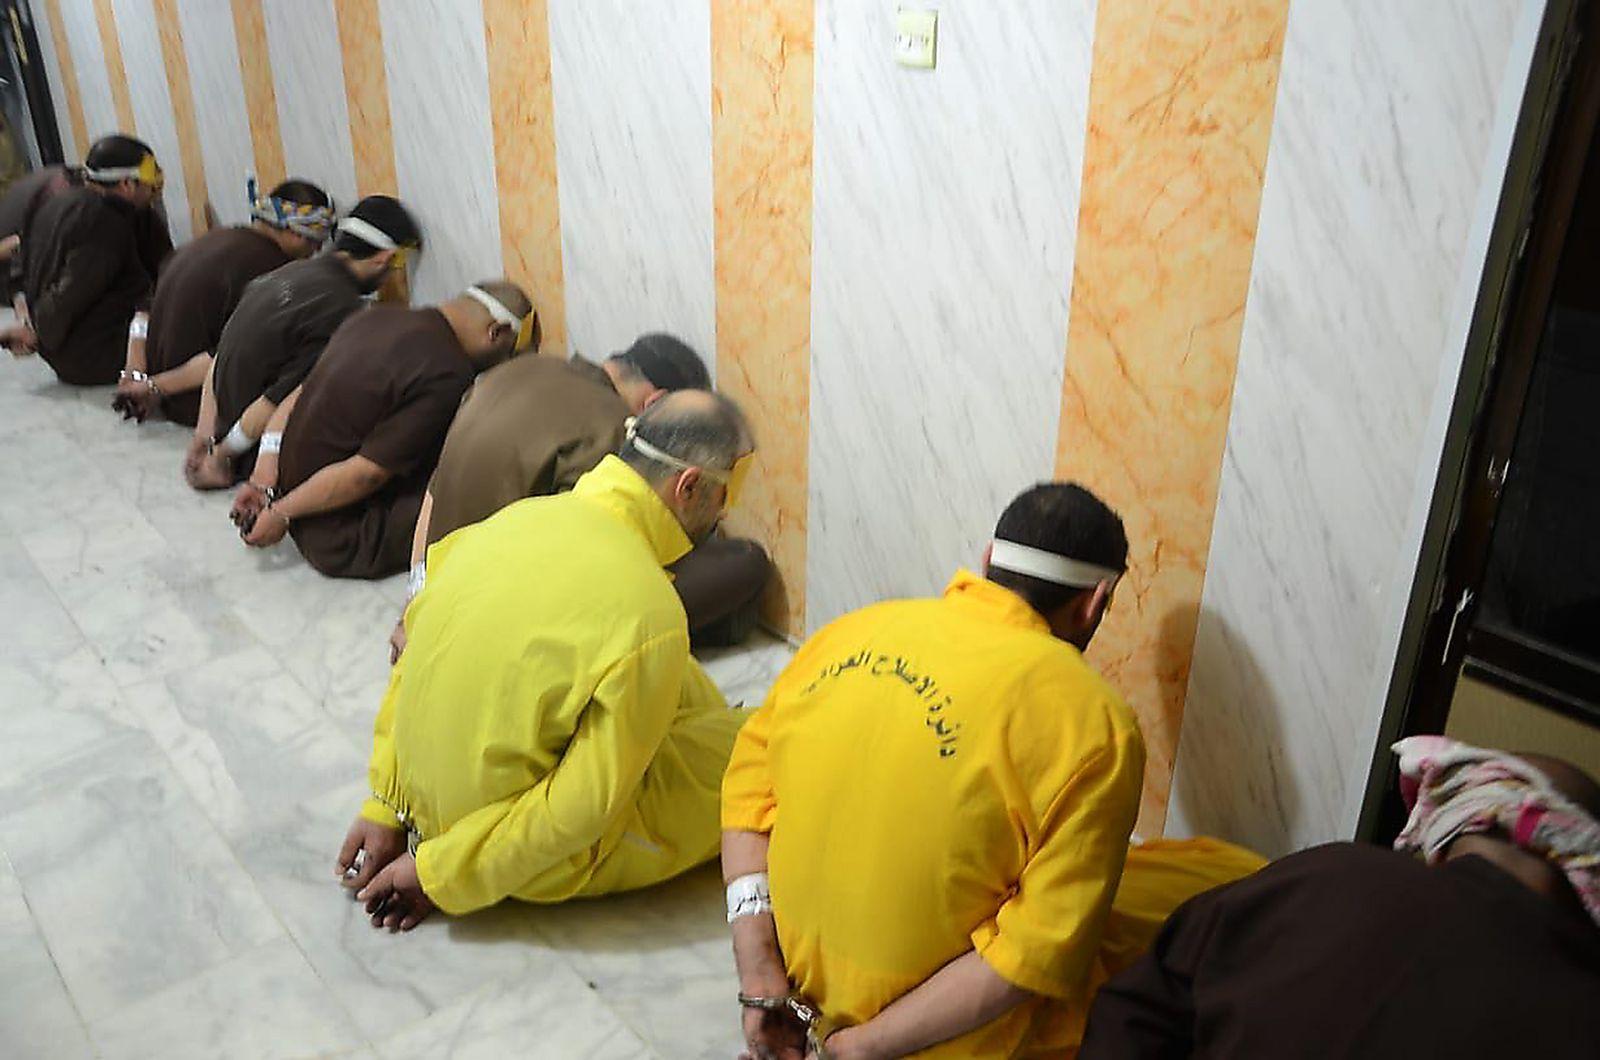 Irak/ Hinrichtung